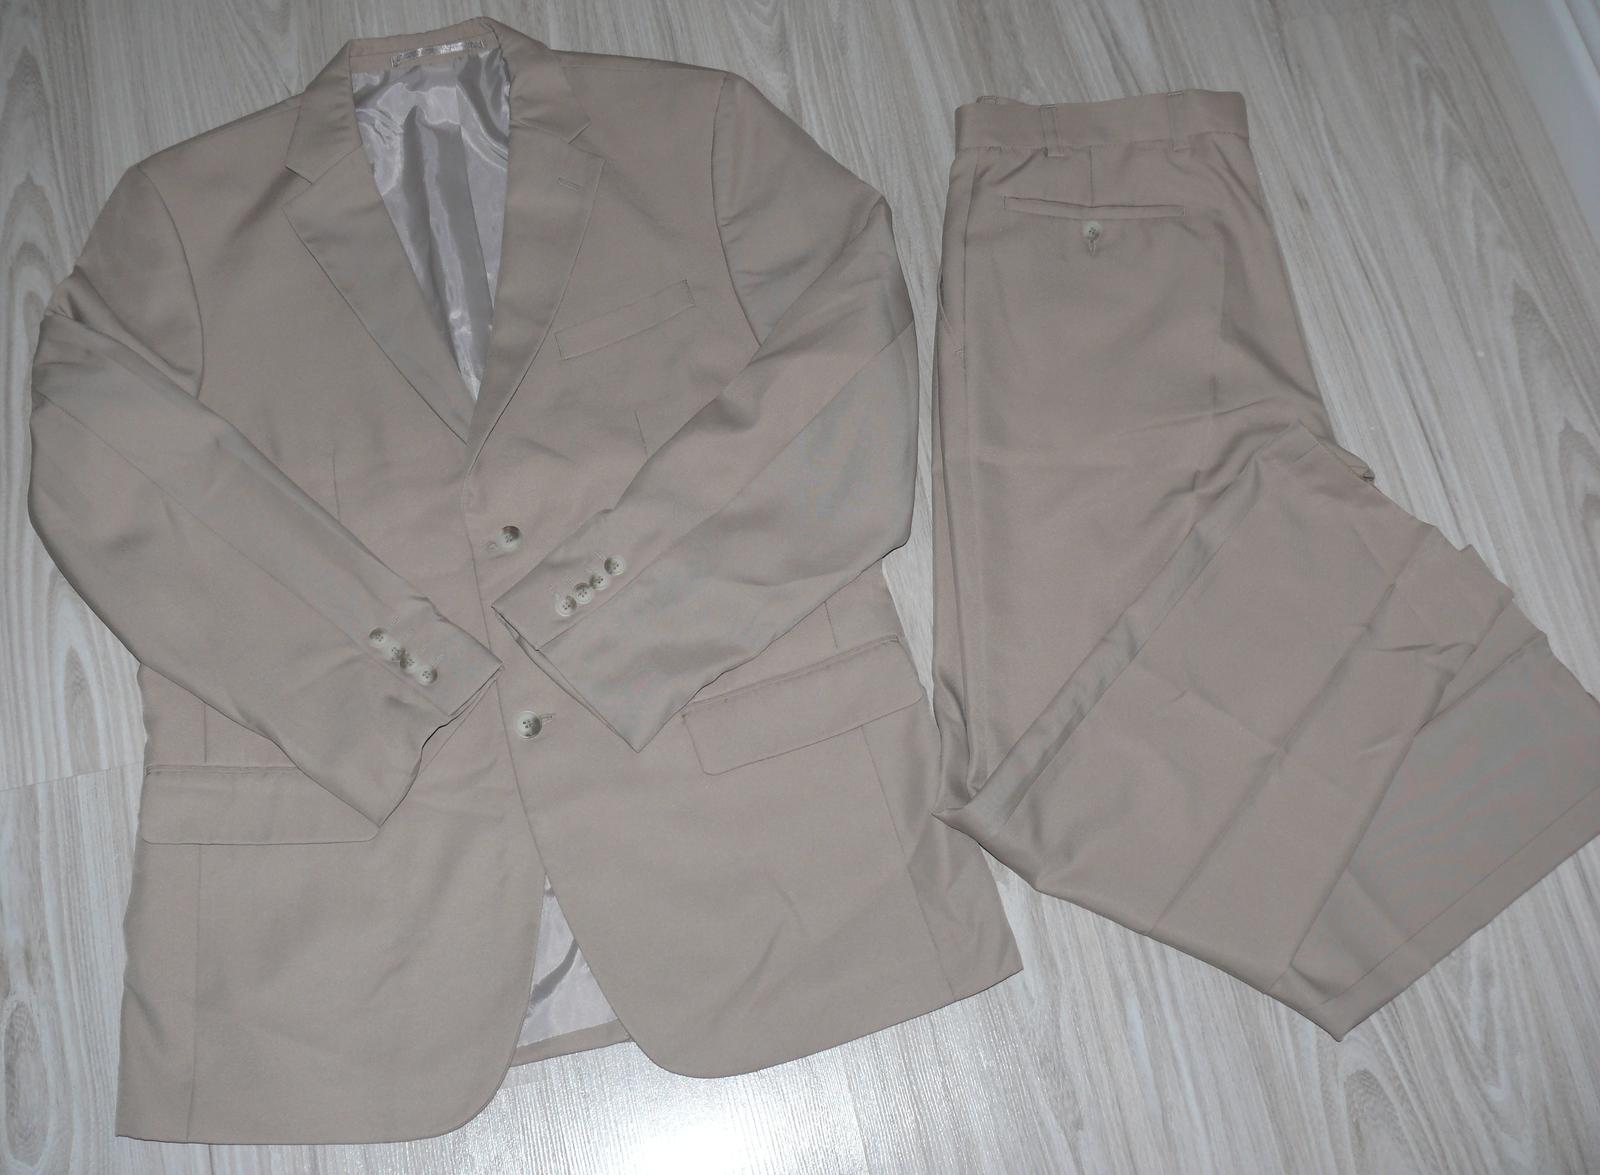 Béžovy pánsky oblek - Obrázok č. 1